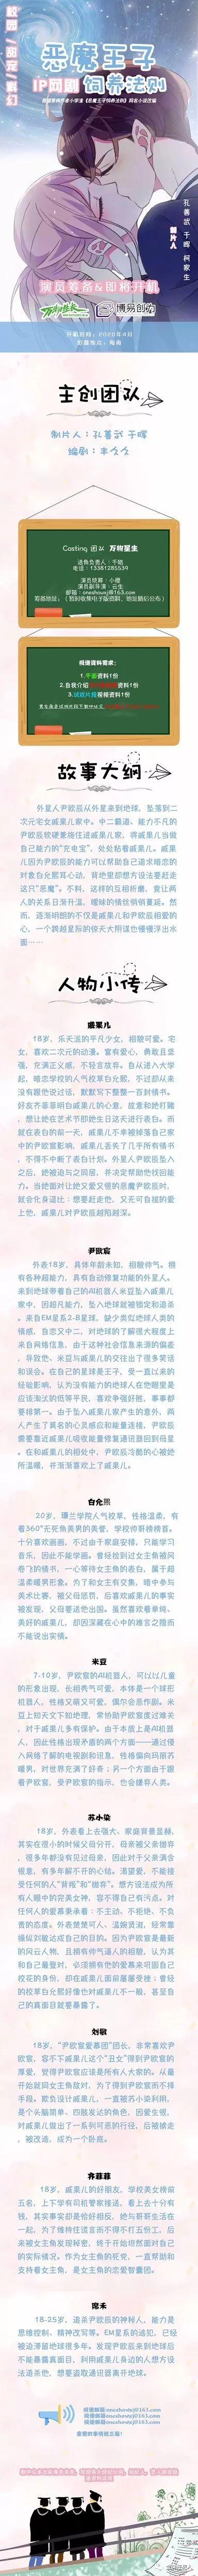 今日组讯丨校园甜宠网剧《恶魔王子饲养法则》、游戏题材电影